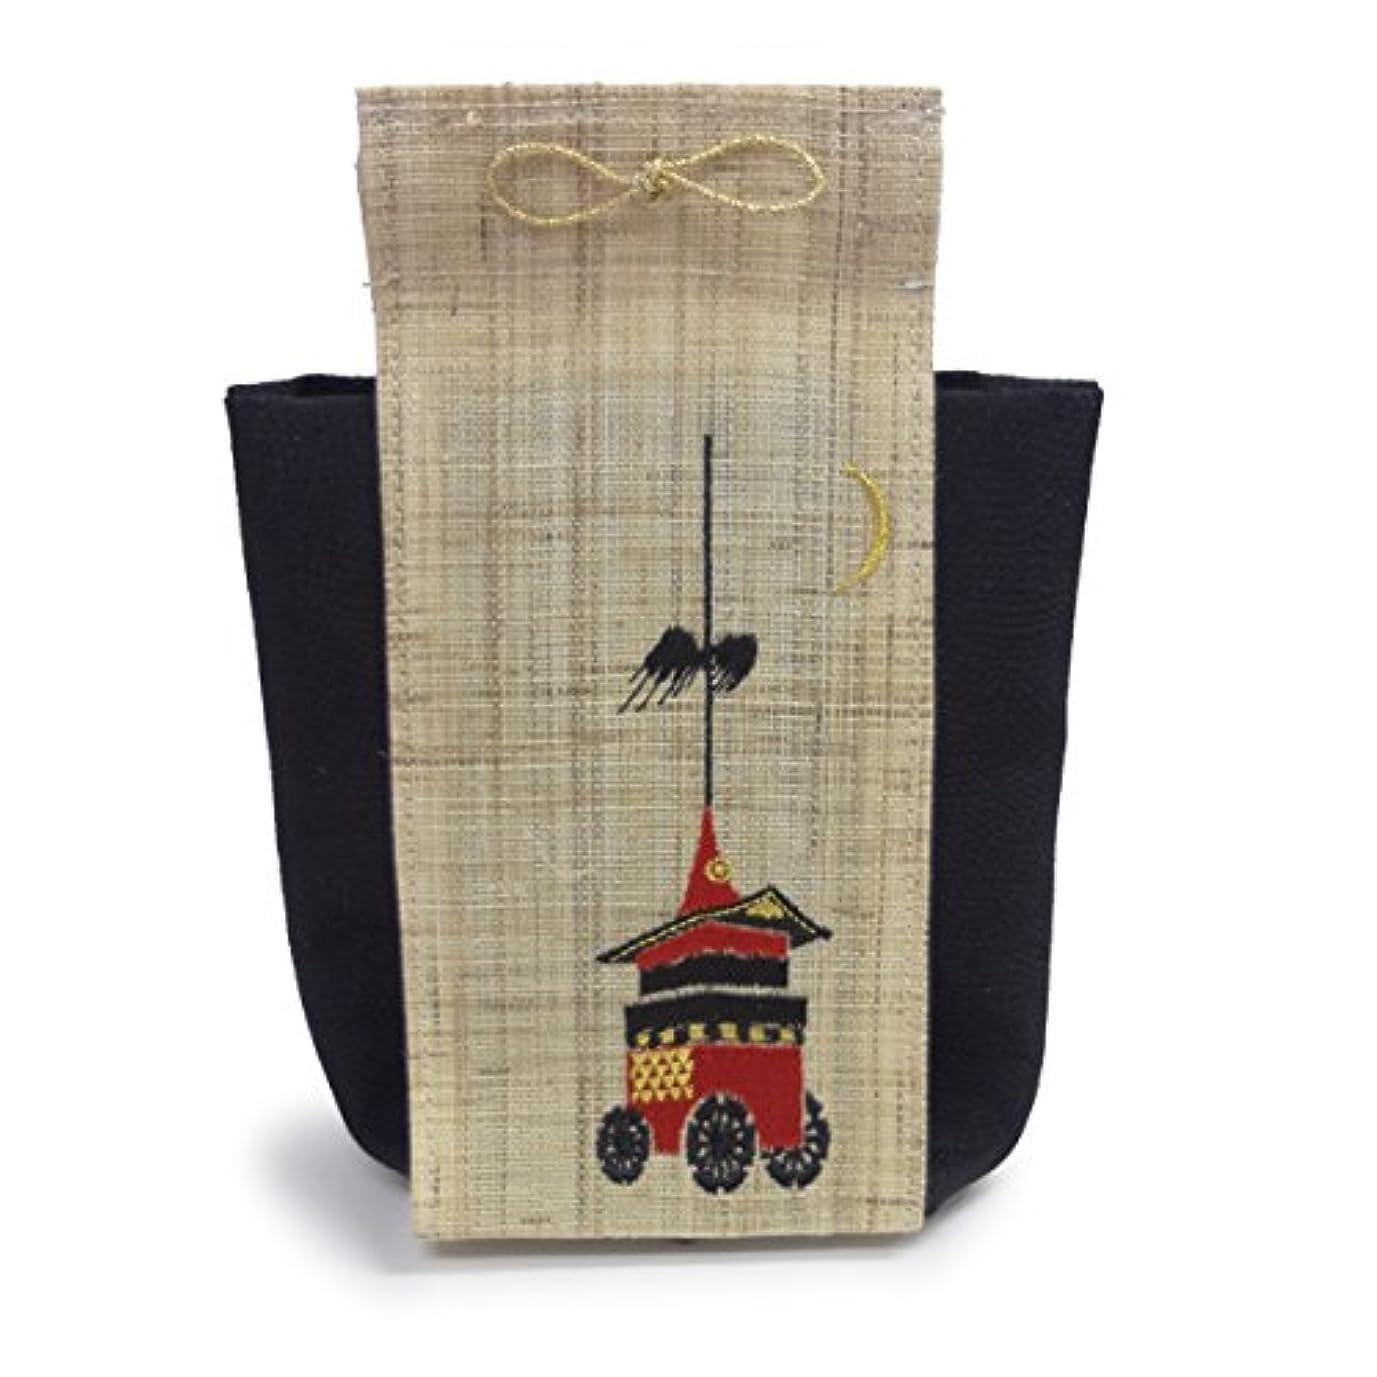 どこかバス幸運なことに香飾り 京の風物詩 祇園祭